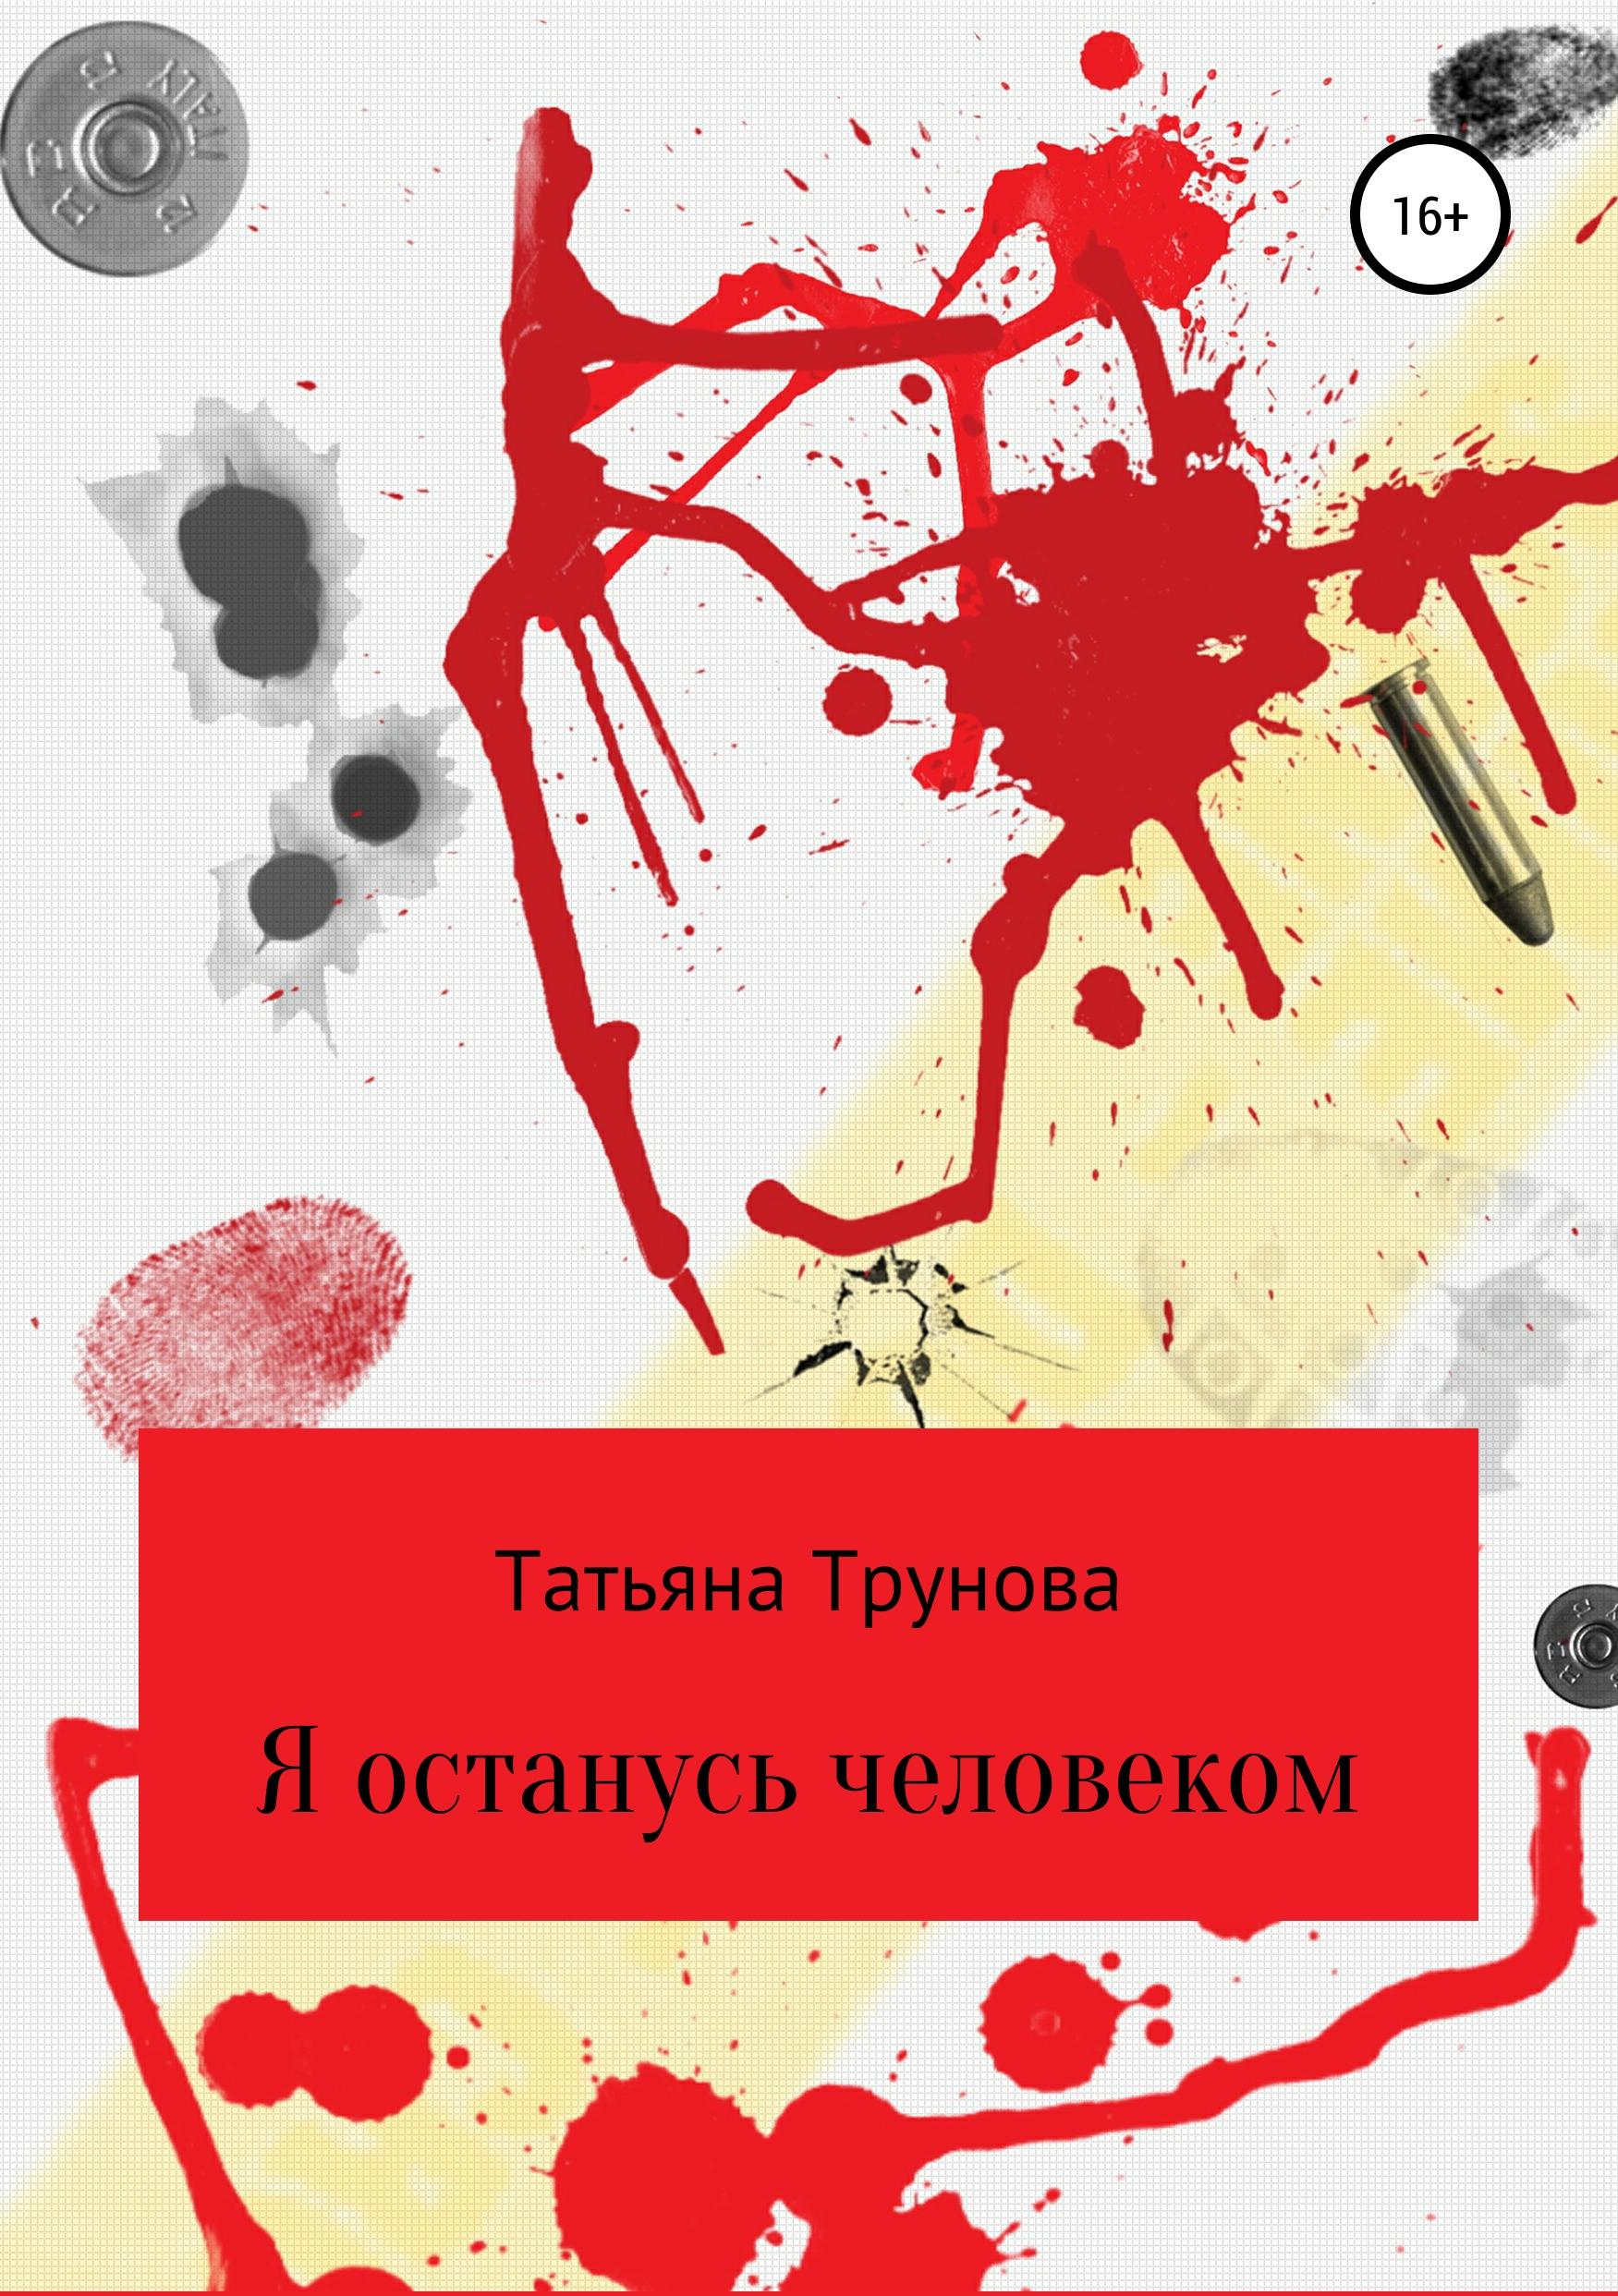 купить Татьяна Юрьевна Трунова Я останусь человеком по цене 9.99 рублей